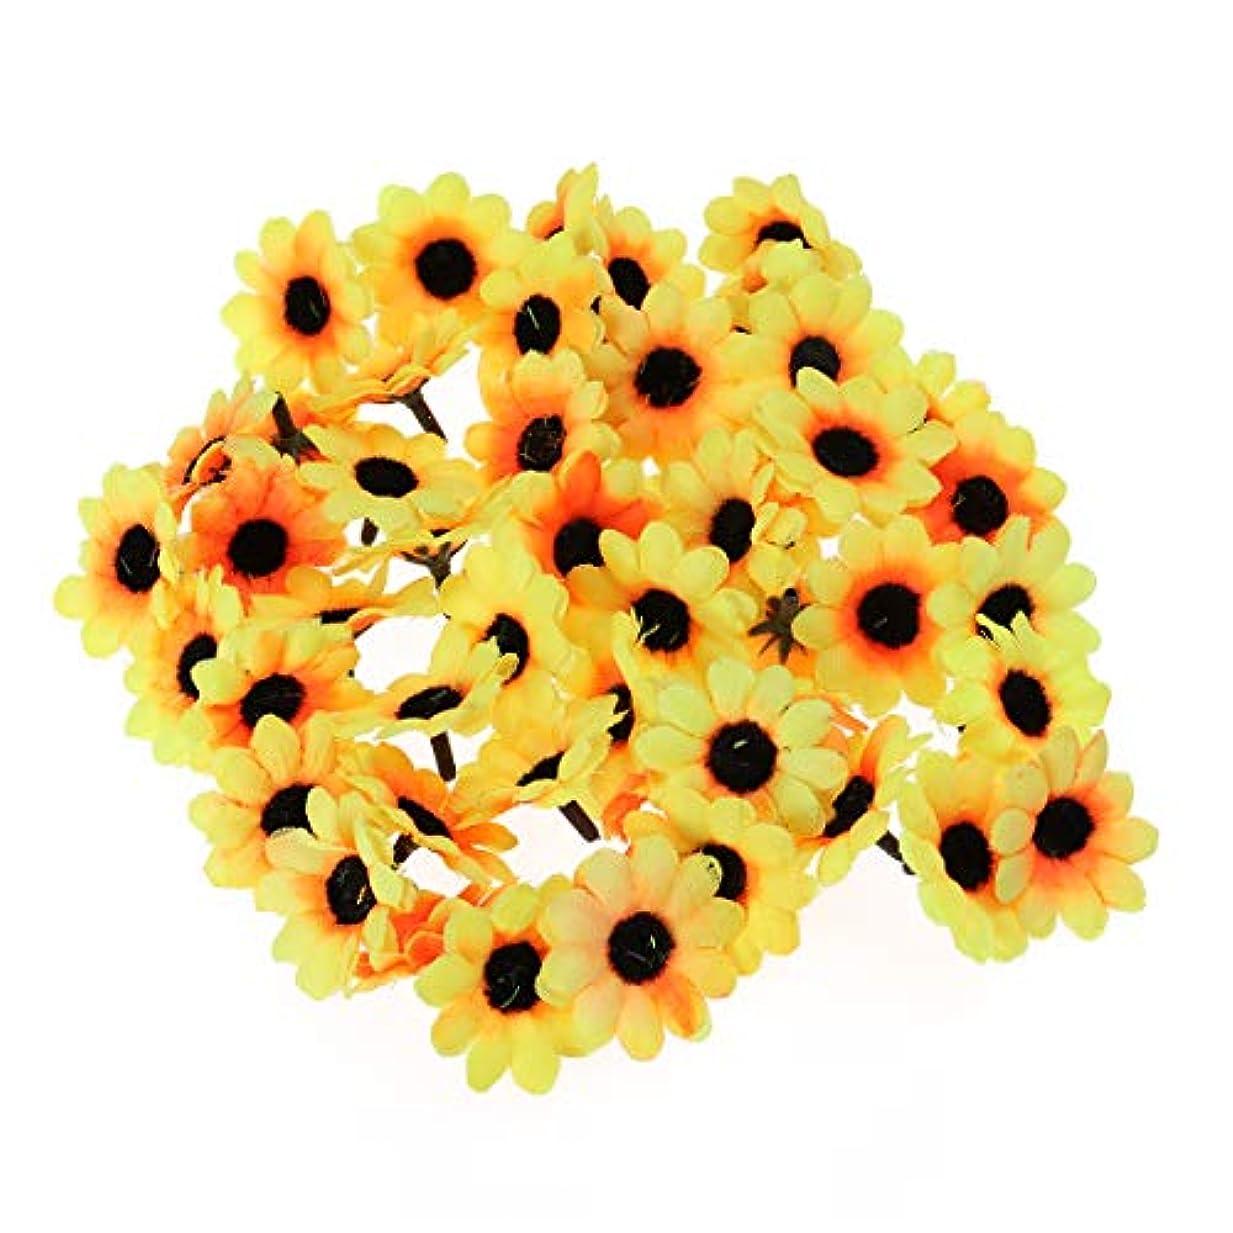 年次バイオリニストがっかりした花ヘッド 造花 花部分のみ 結婚式 パーティー ホーム オフィス ガーデン パティオ 装飾(ブラックコアと黄色)500ピース